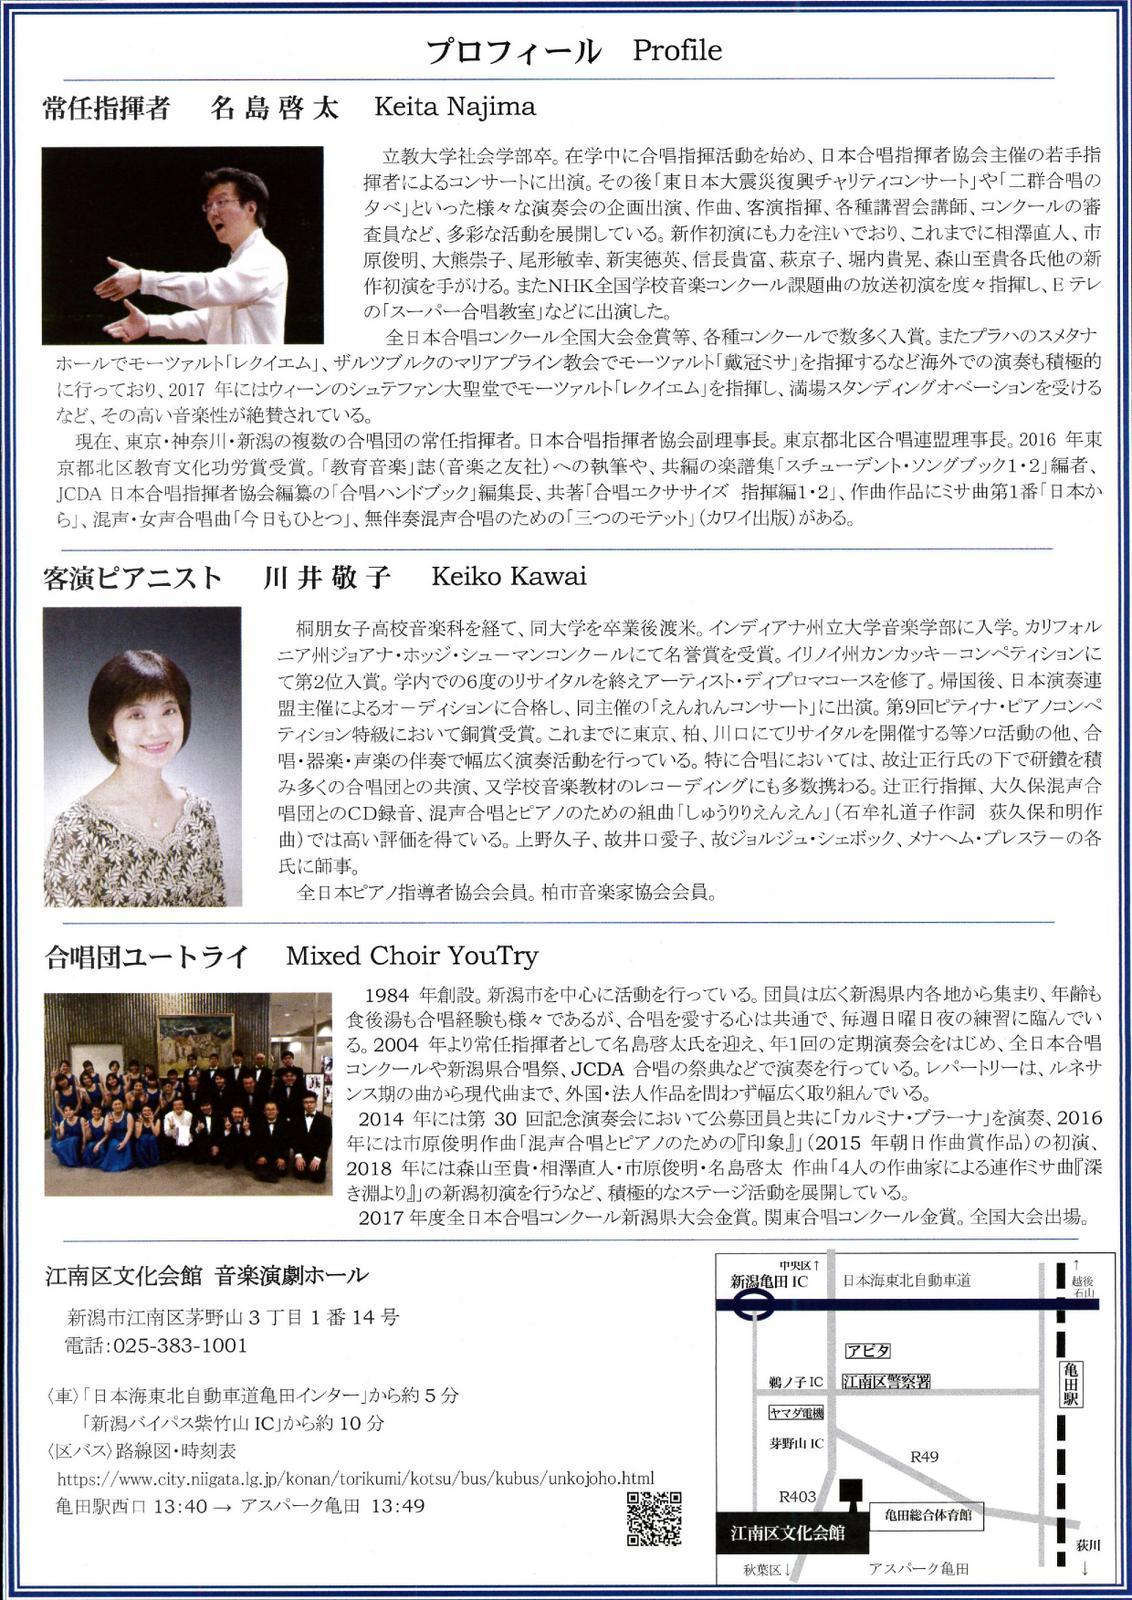 昨夜は成嶋志保さん&サルクさんの公演に。_e0046190_18305672.jpg